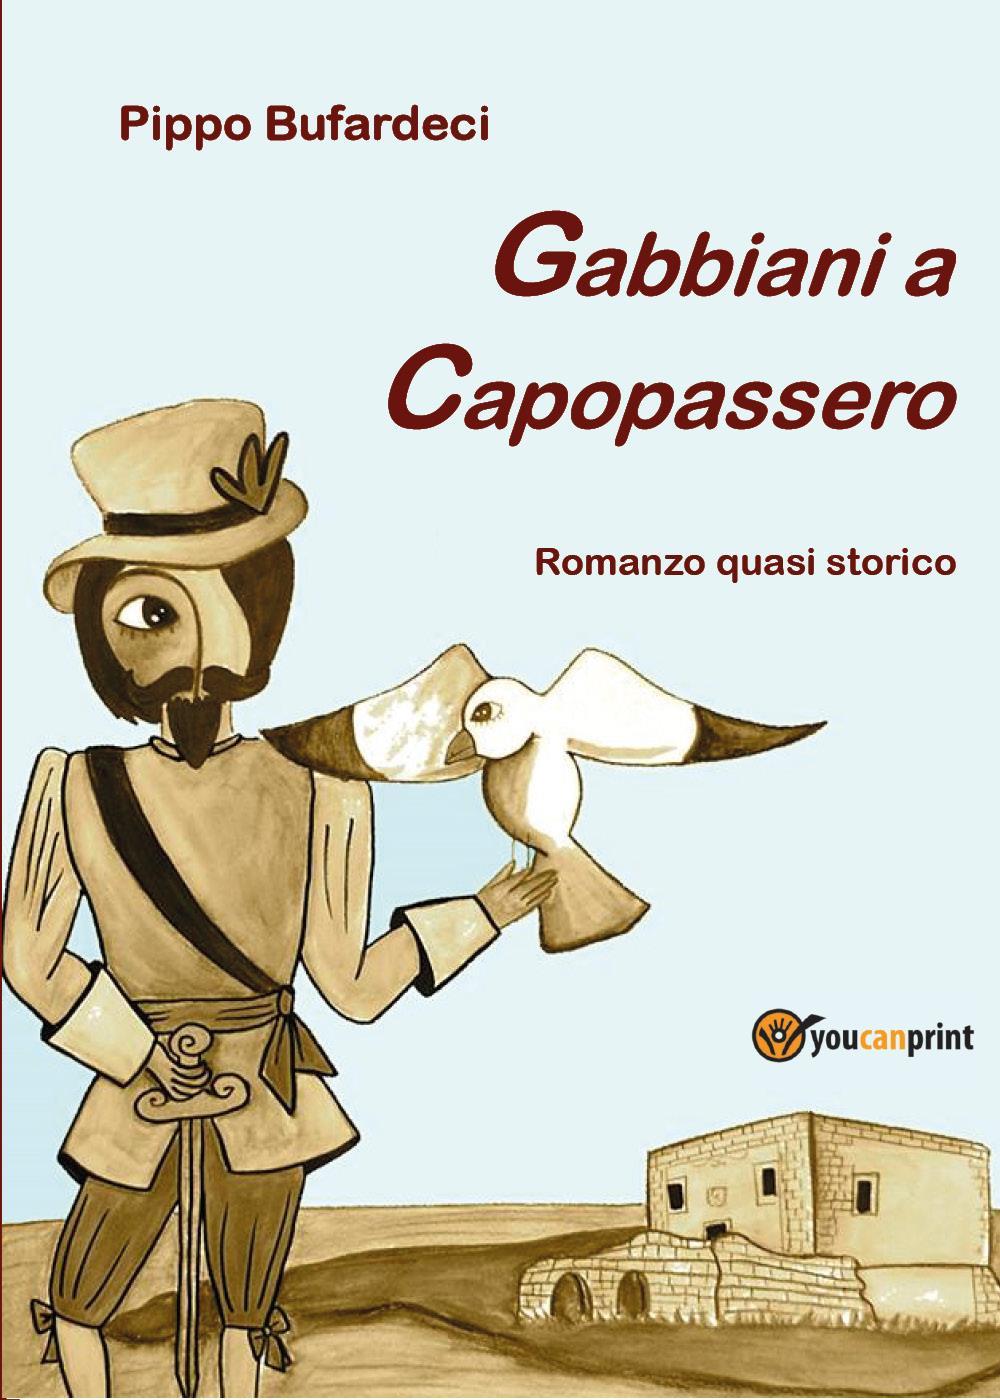 Gabbiani a Capopassero